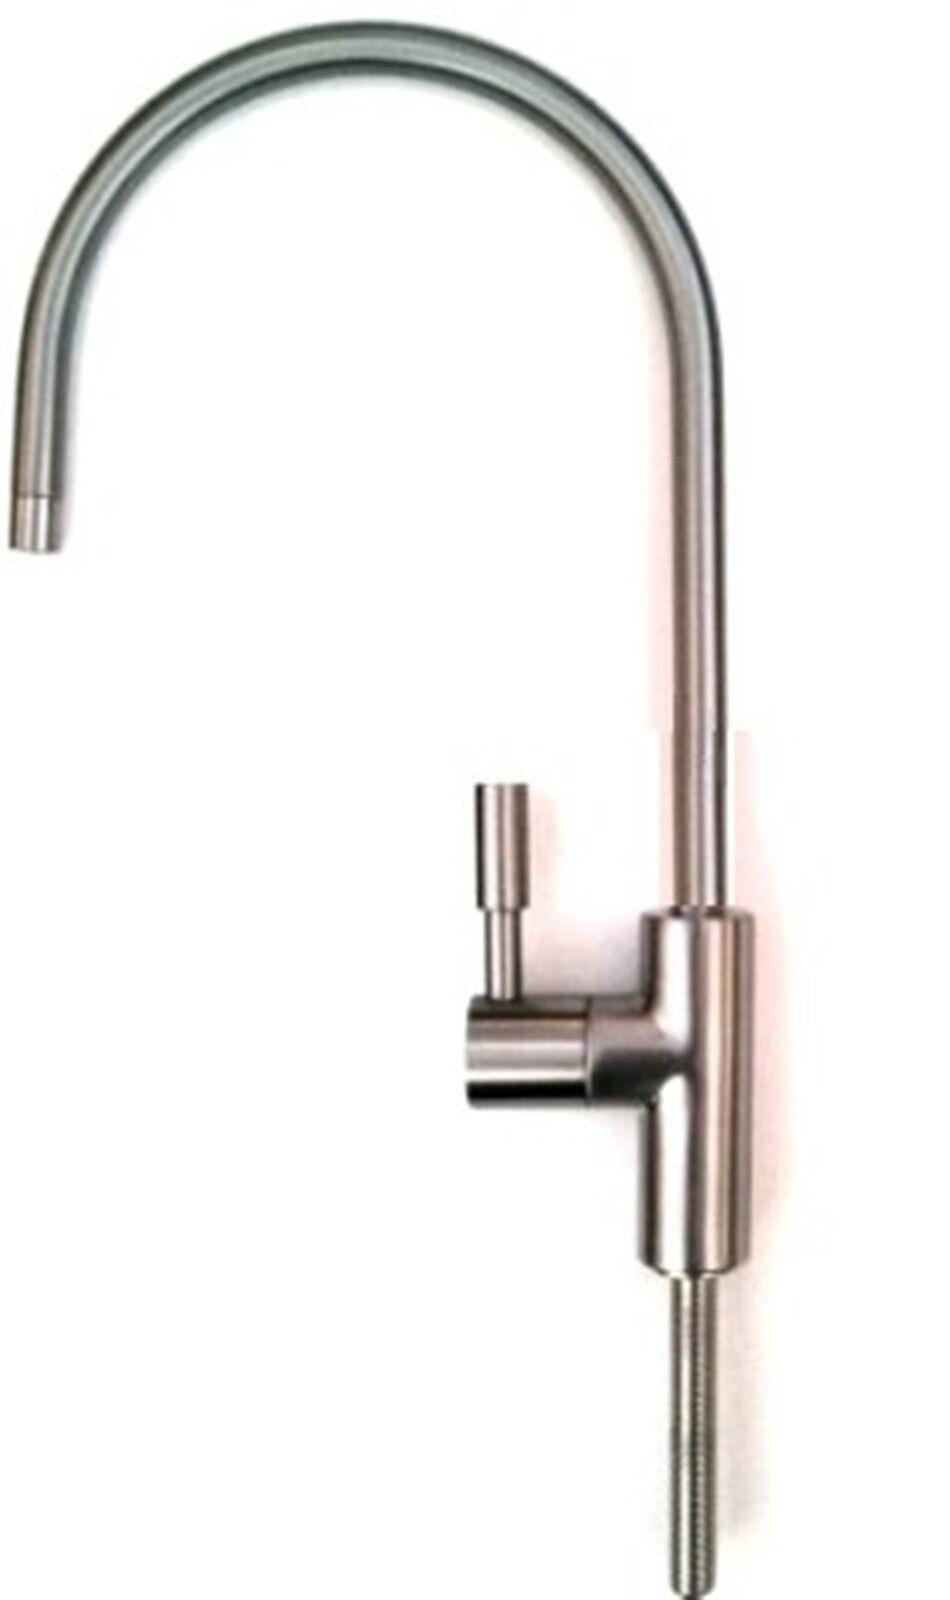 Grifo Para Agua De Beber, Palanca Sencilla, Moderno Nikel Satinado Lavado, Baños